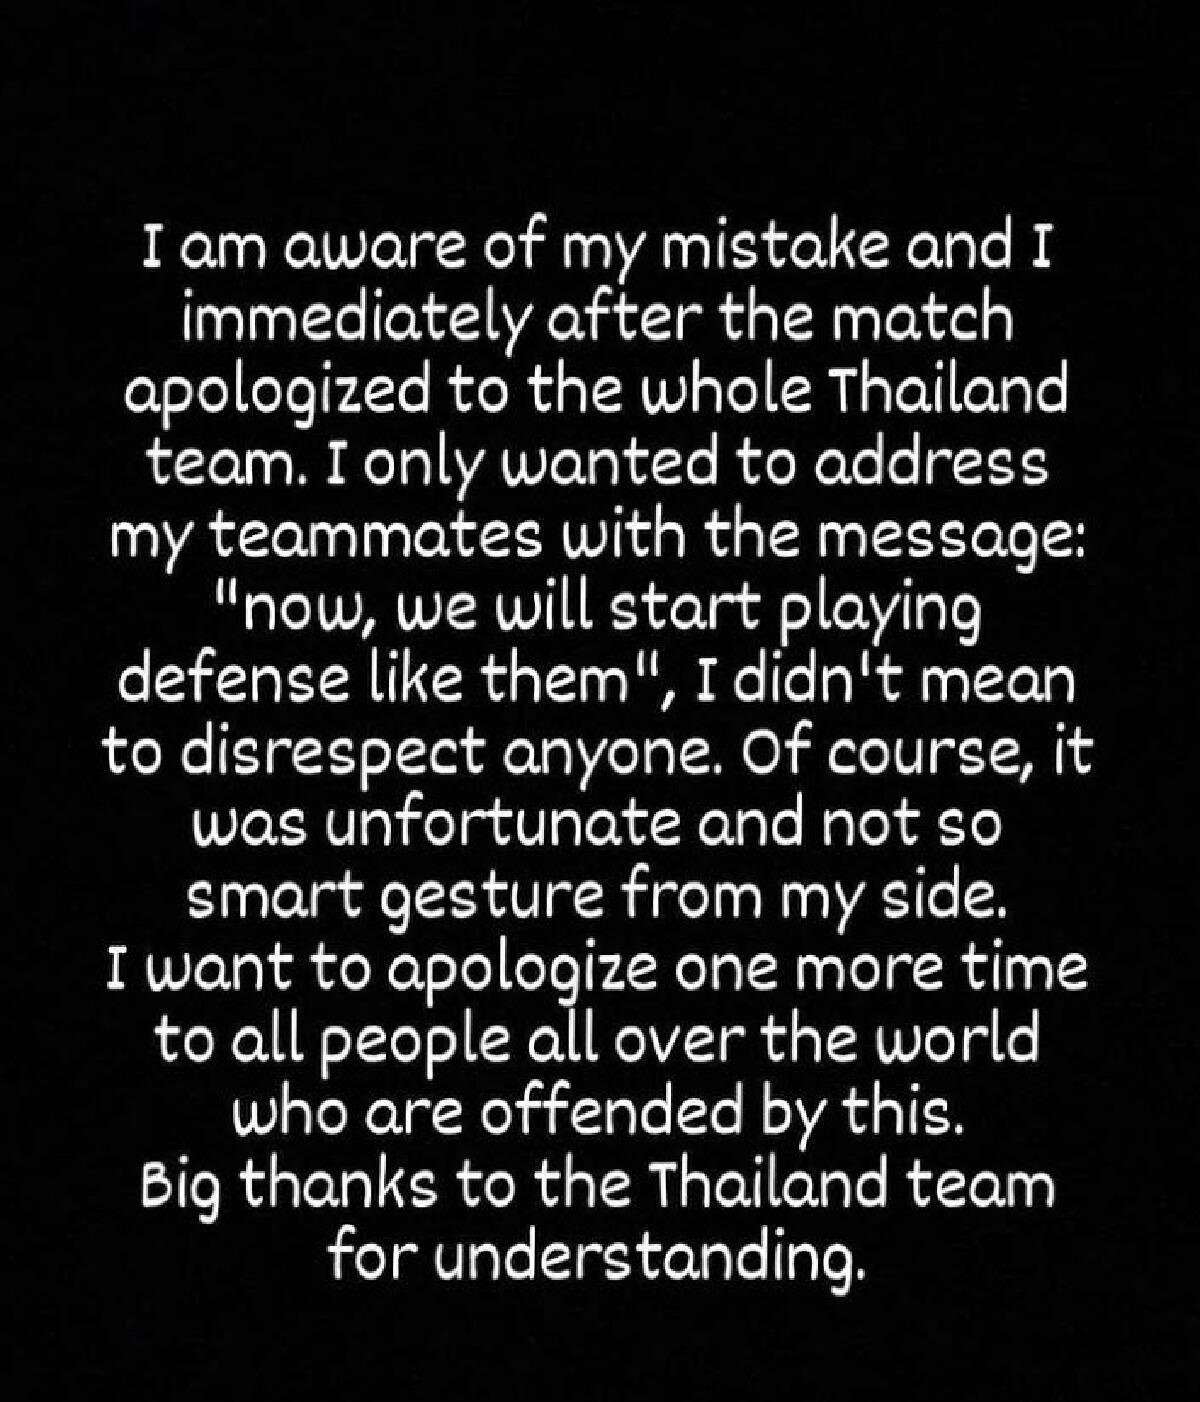 ลิโบโร่ทีมชาติเซอร์เบีย ร่ายยาวขอโทษคนไทย ปมใช้มือสองข้างดึงหางตาขึ้น